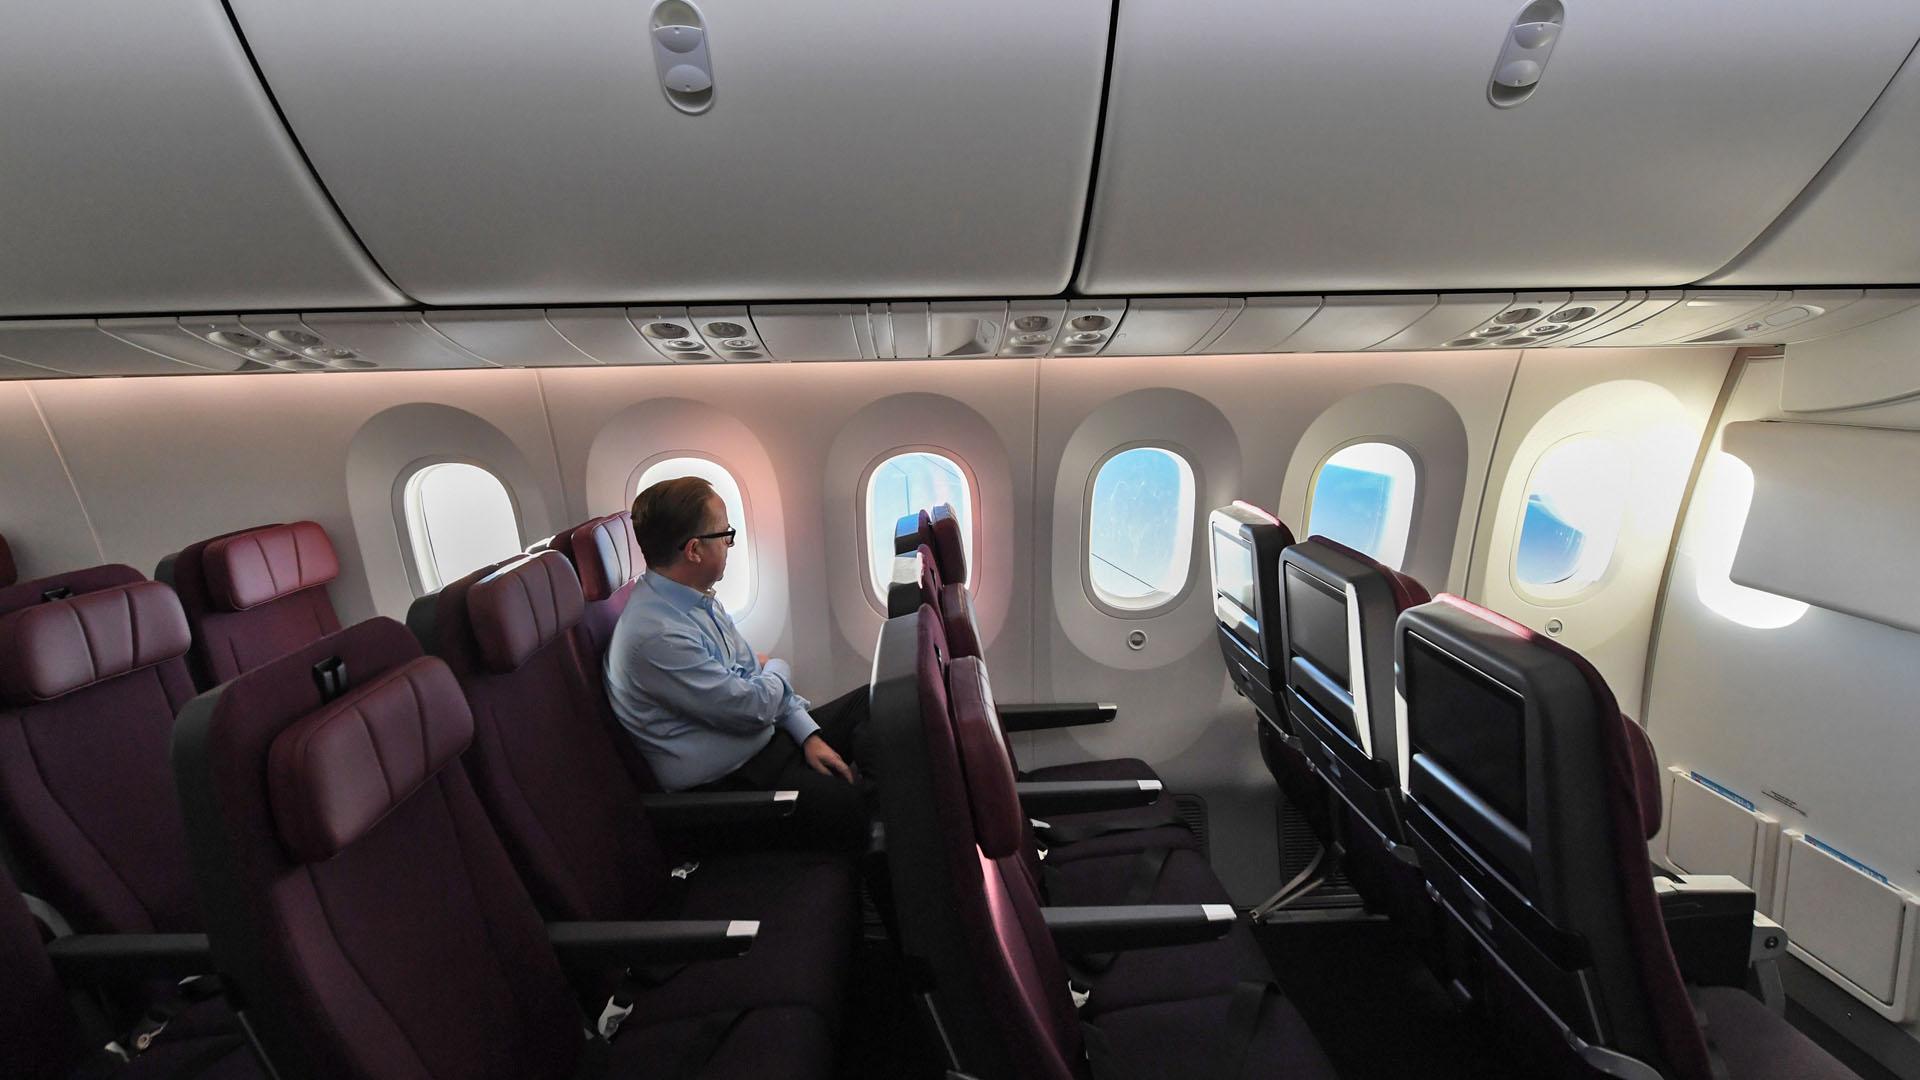 Seis de los 49 pasajeros eran voluntarios para analizar el impacto en la salud de pasar tanto tiempo en un vuelo. Foto de EFE